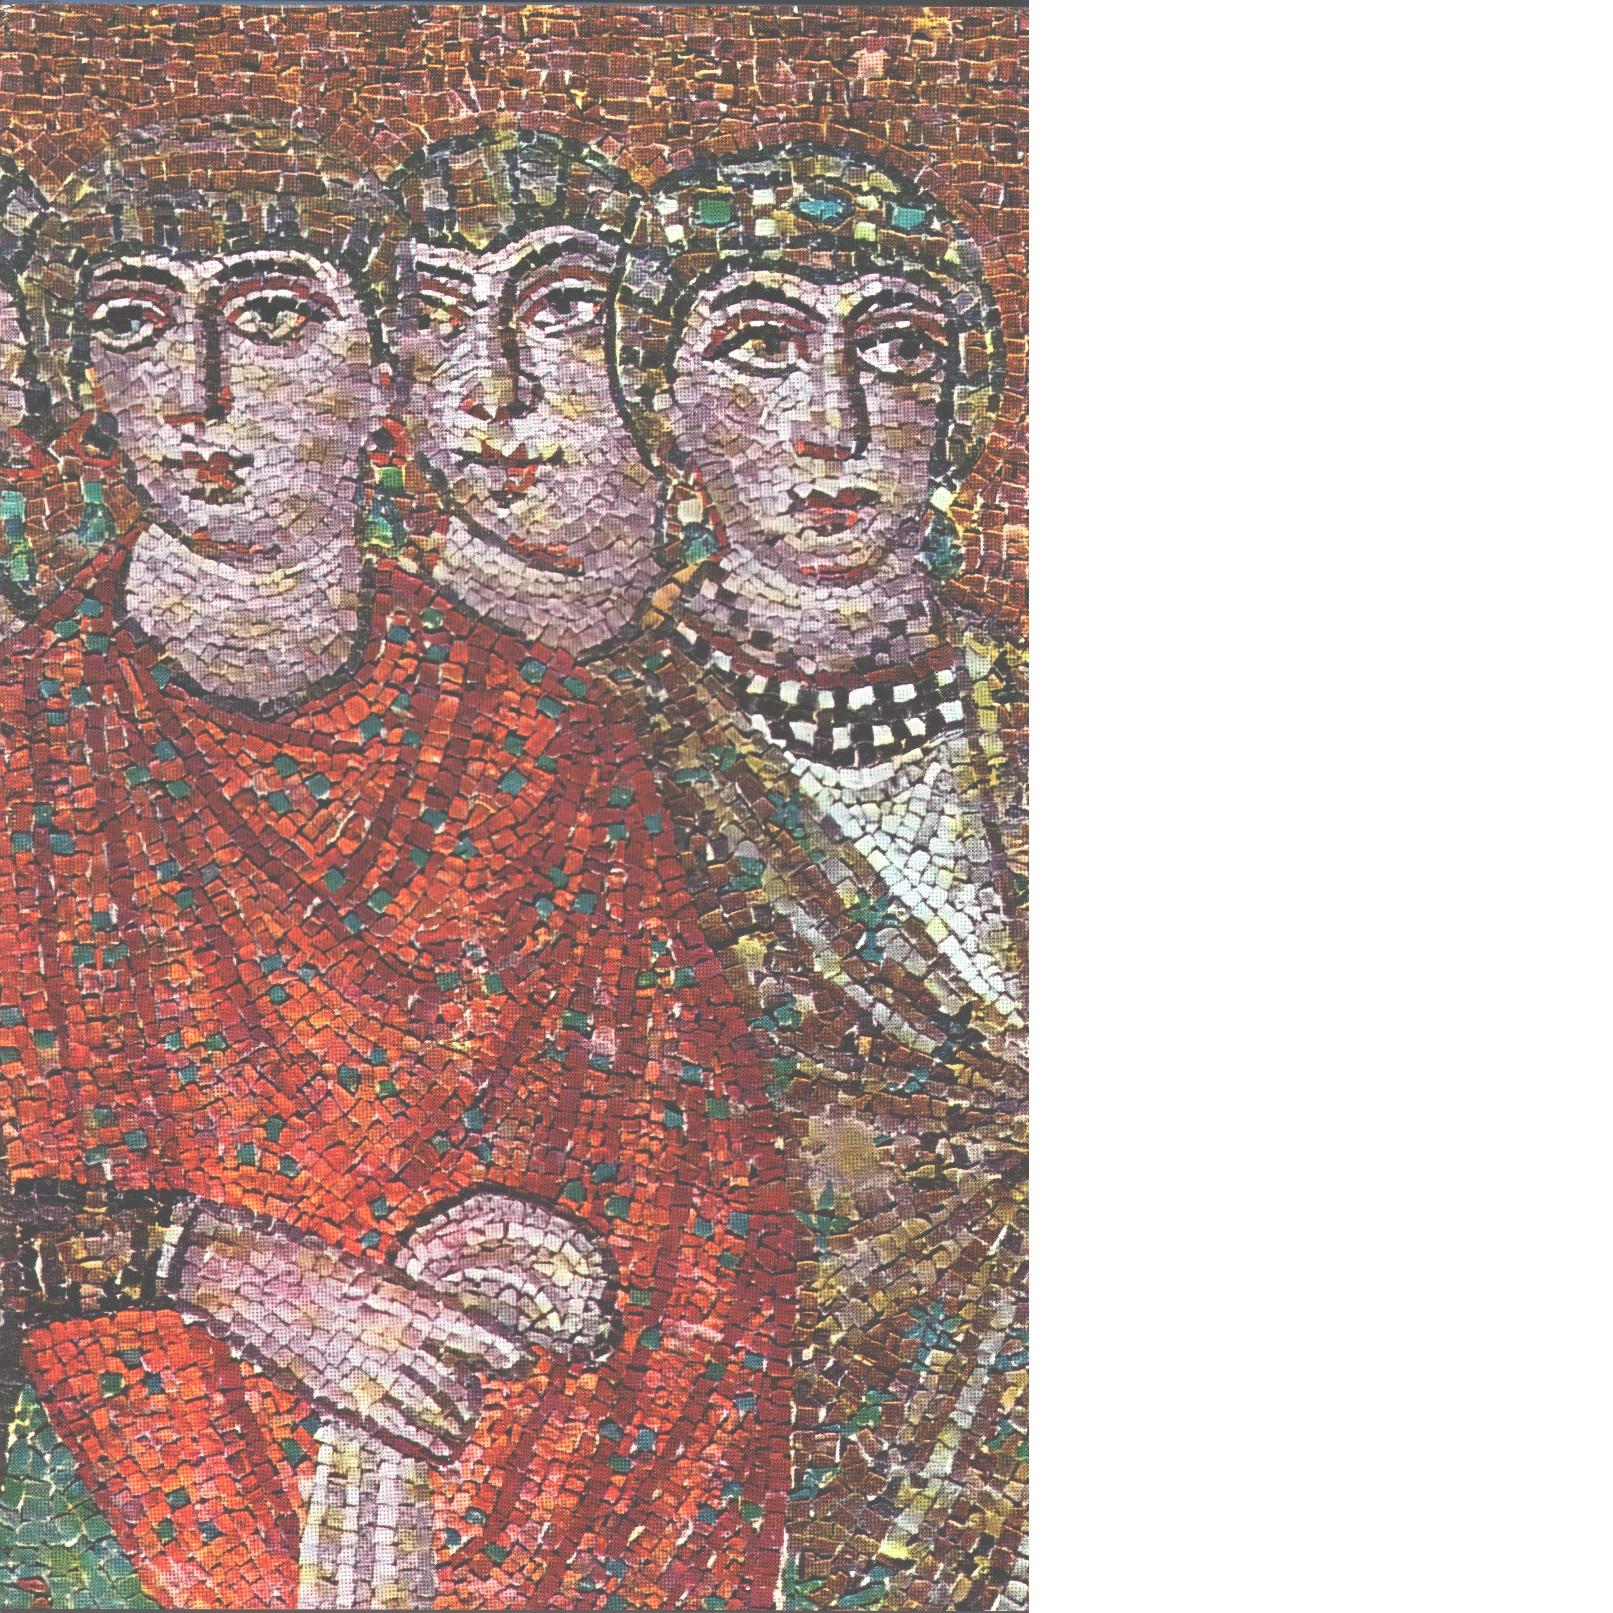 Konstens världshistoria 5. Bysantinskt och ryskt måleri - Red. Schaeffner, Claude  och Lévêque, Jean-Jacques samt Ménant, Nicole